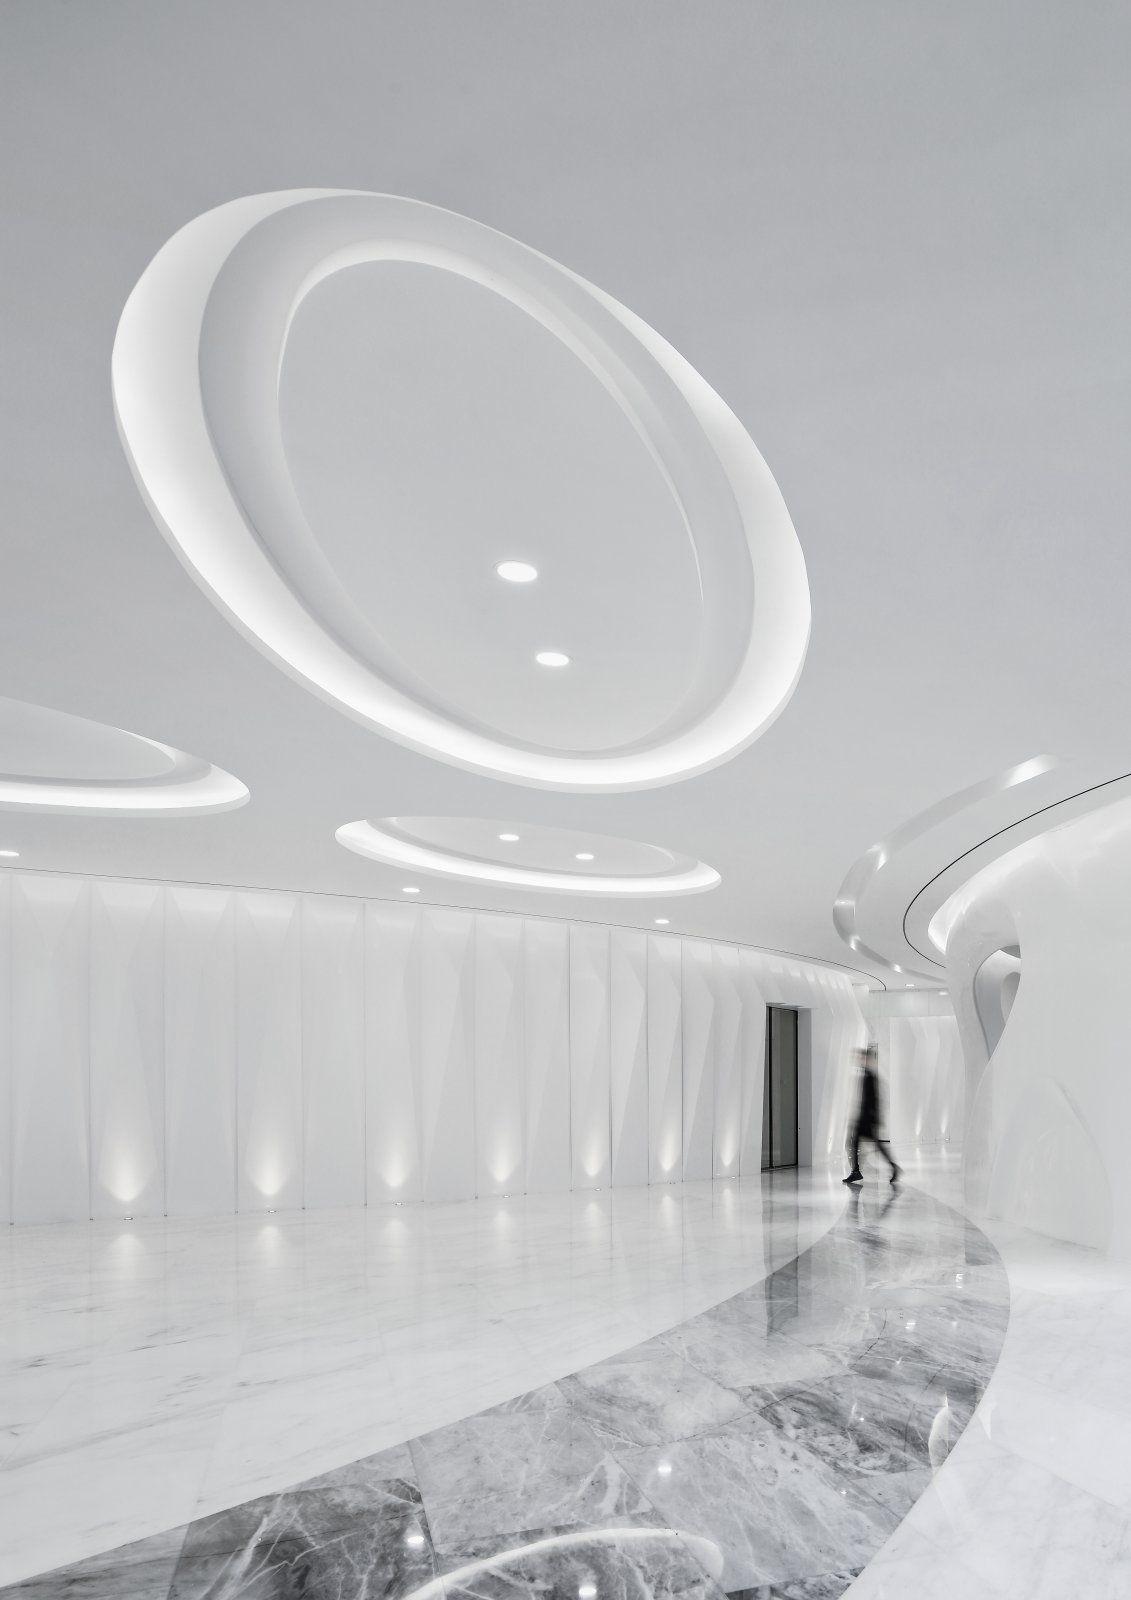 杭州珀莱雅集团总部大楼   矩典设计